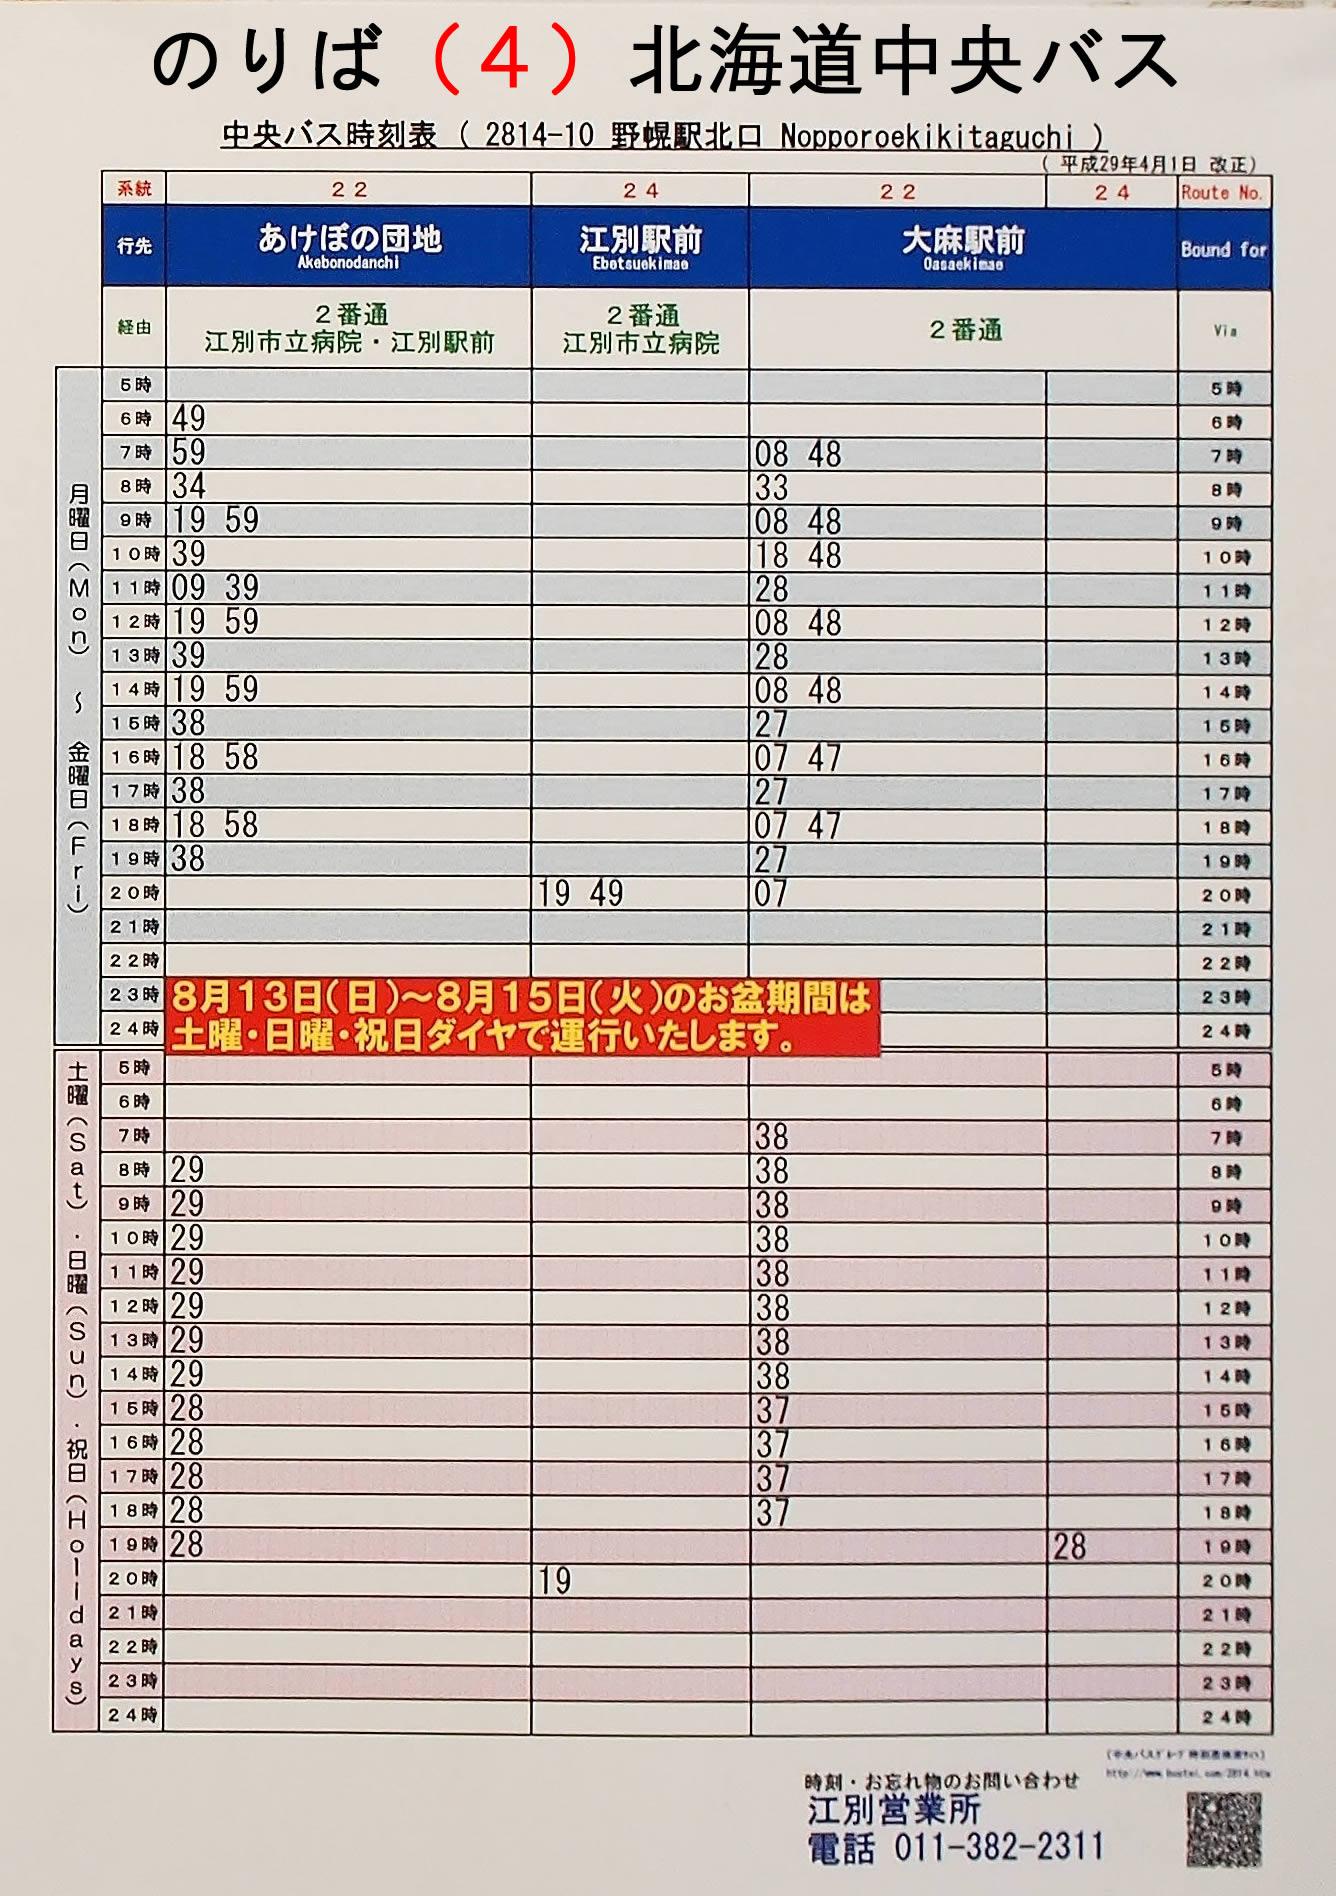 野幌駅・バス時刻表 - 【えべナビ!】江別・野幌 情報ナビ